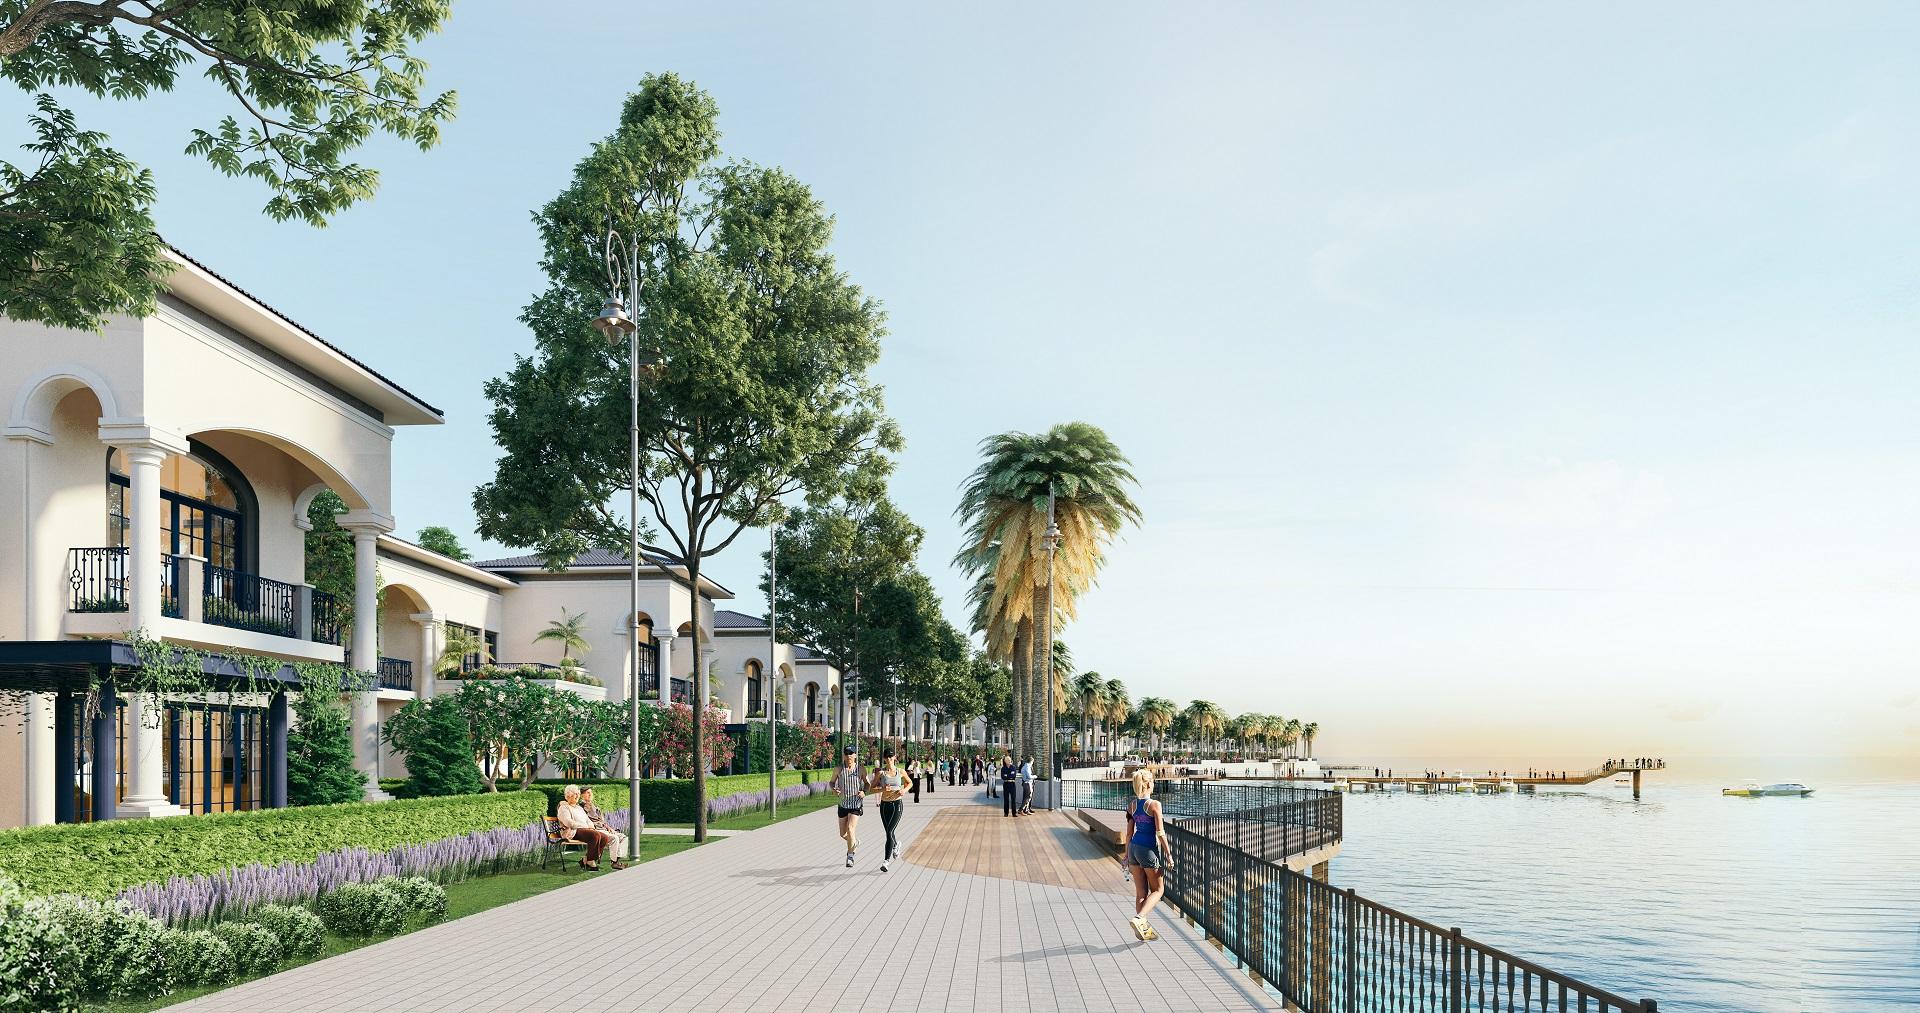 Phối cảnh cầu dạo bộ ven hồ cảnh quan trong khuôn viên dự án Ha Tien Venice Villas